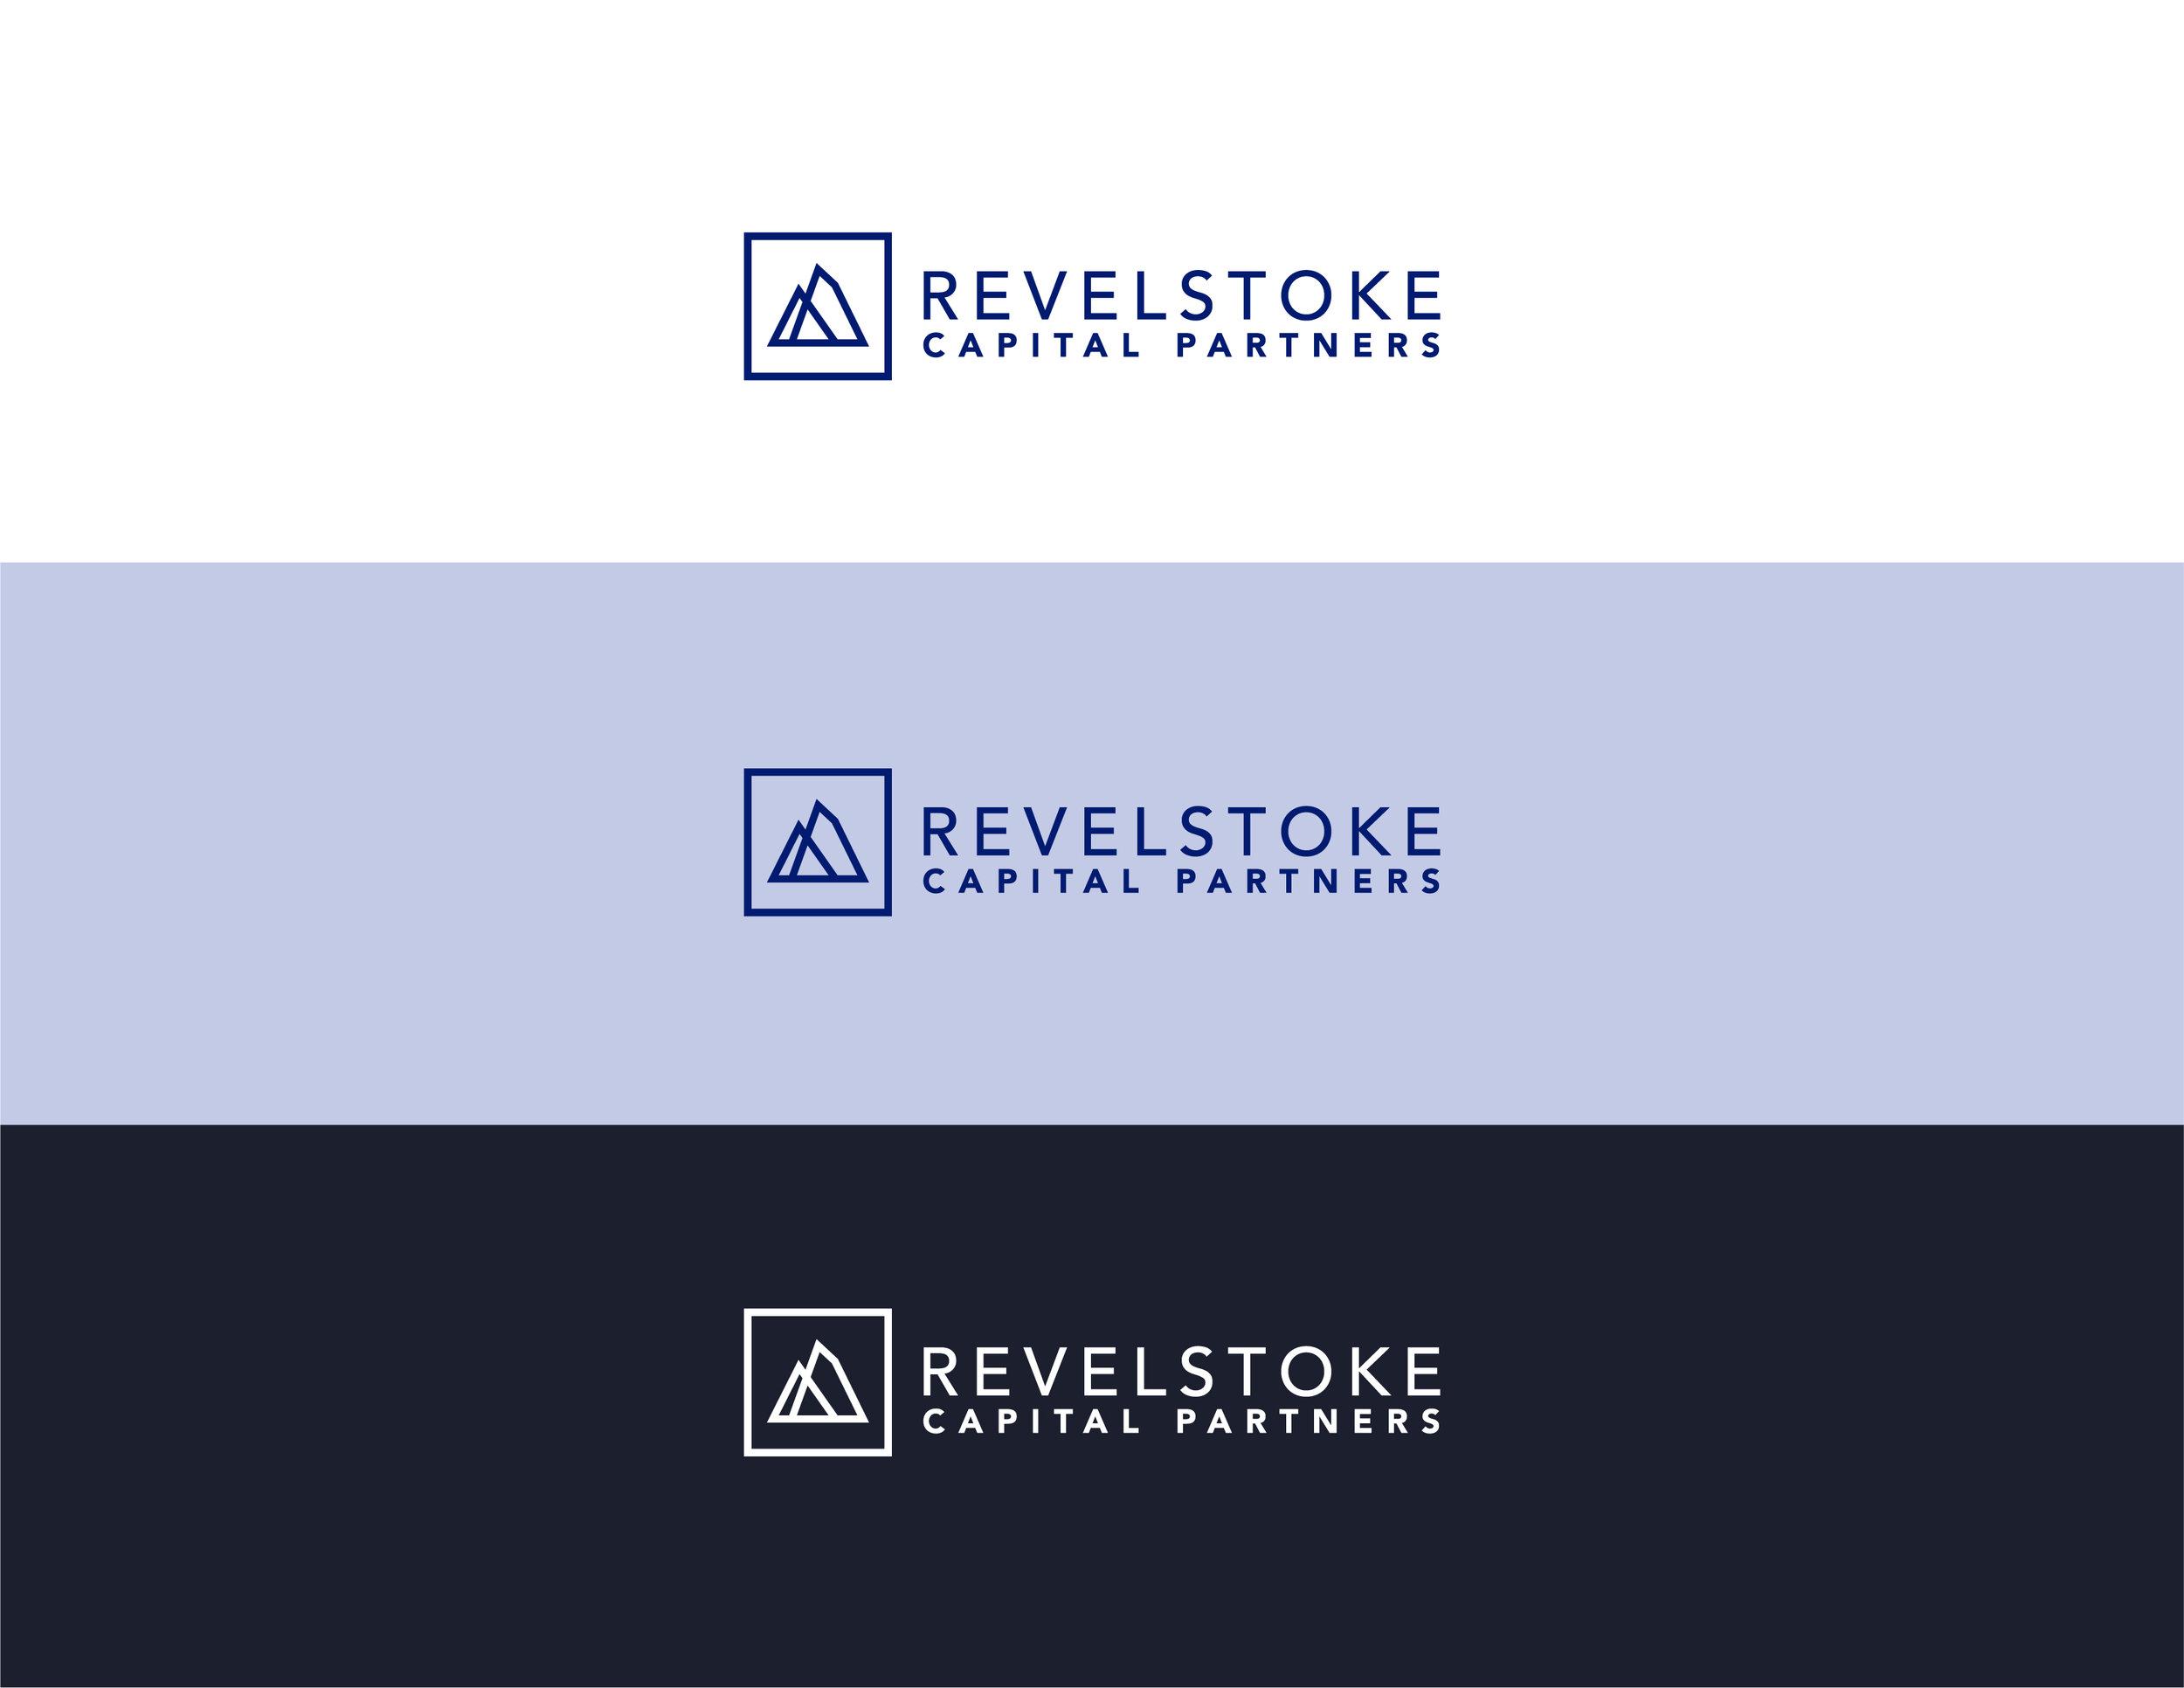 Revelstoke-Style Guide-January 2019-19.jpg